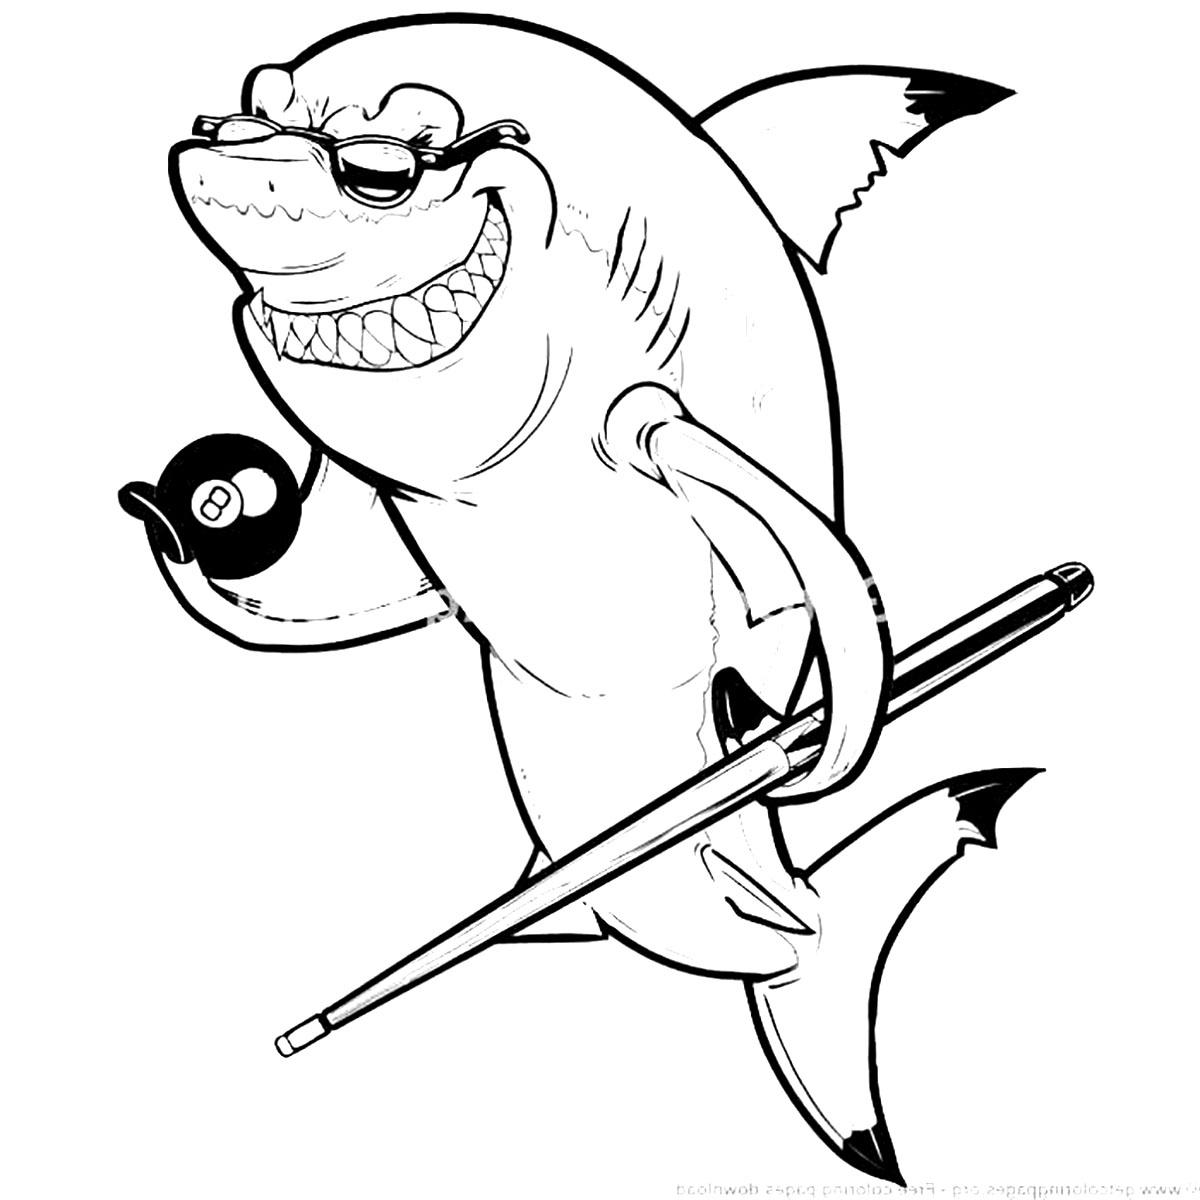 Gros Requin - Coloriage De Requins - Coloriages Pour Enfants pour Coloriage Requin Blanc Imprimer